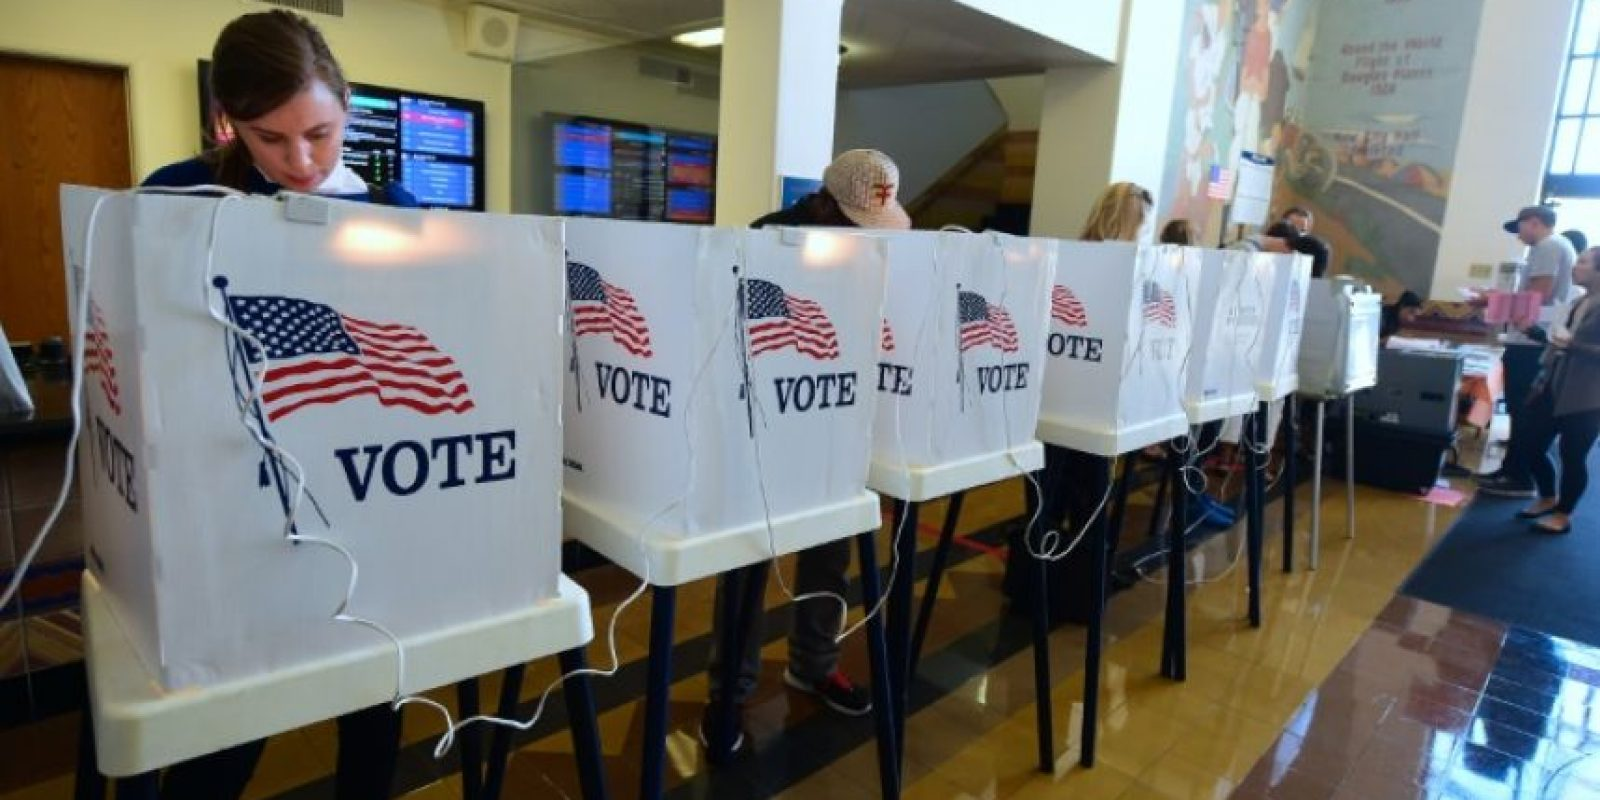 Ciudadanos estadounidenses votan en las elecciones presidenciales el 8 de noviembre de 2016 en Santa Monica Foto:Frederic J. BROWN/afp.com